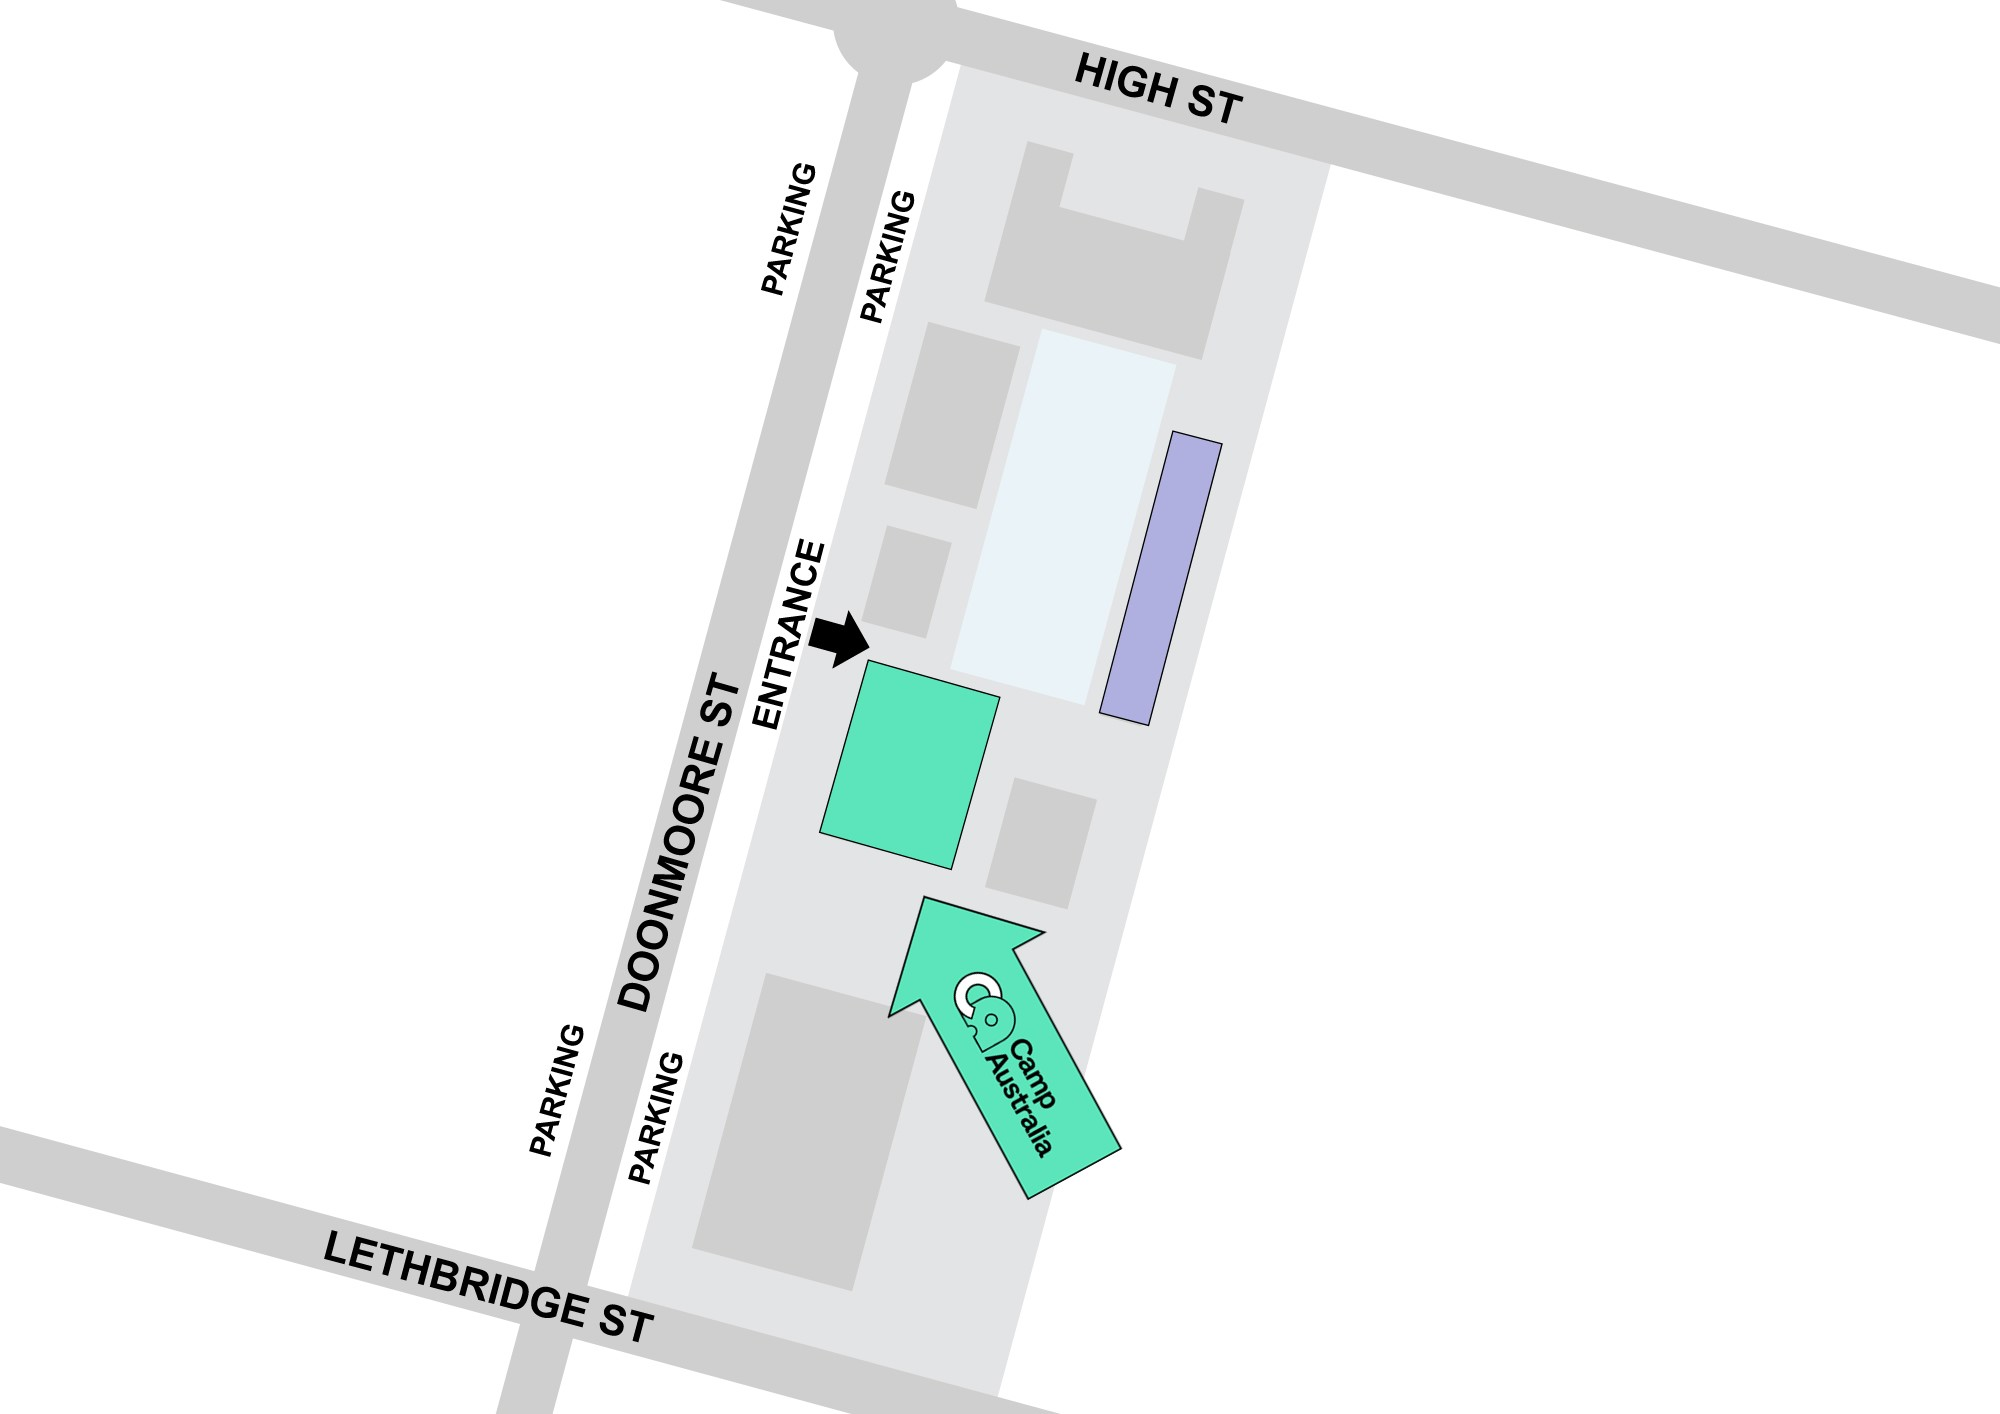 Penrith Public School